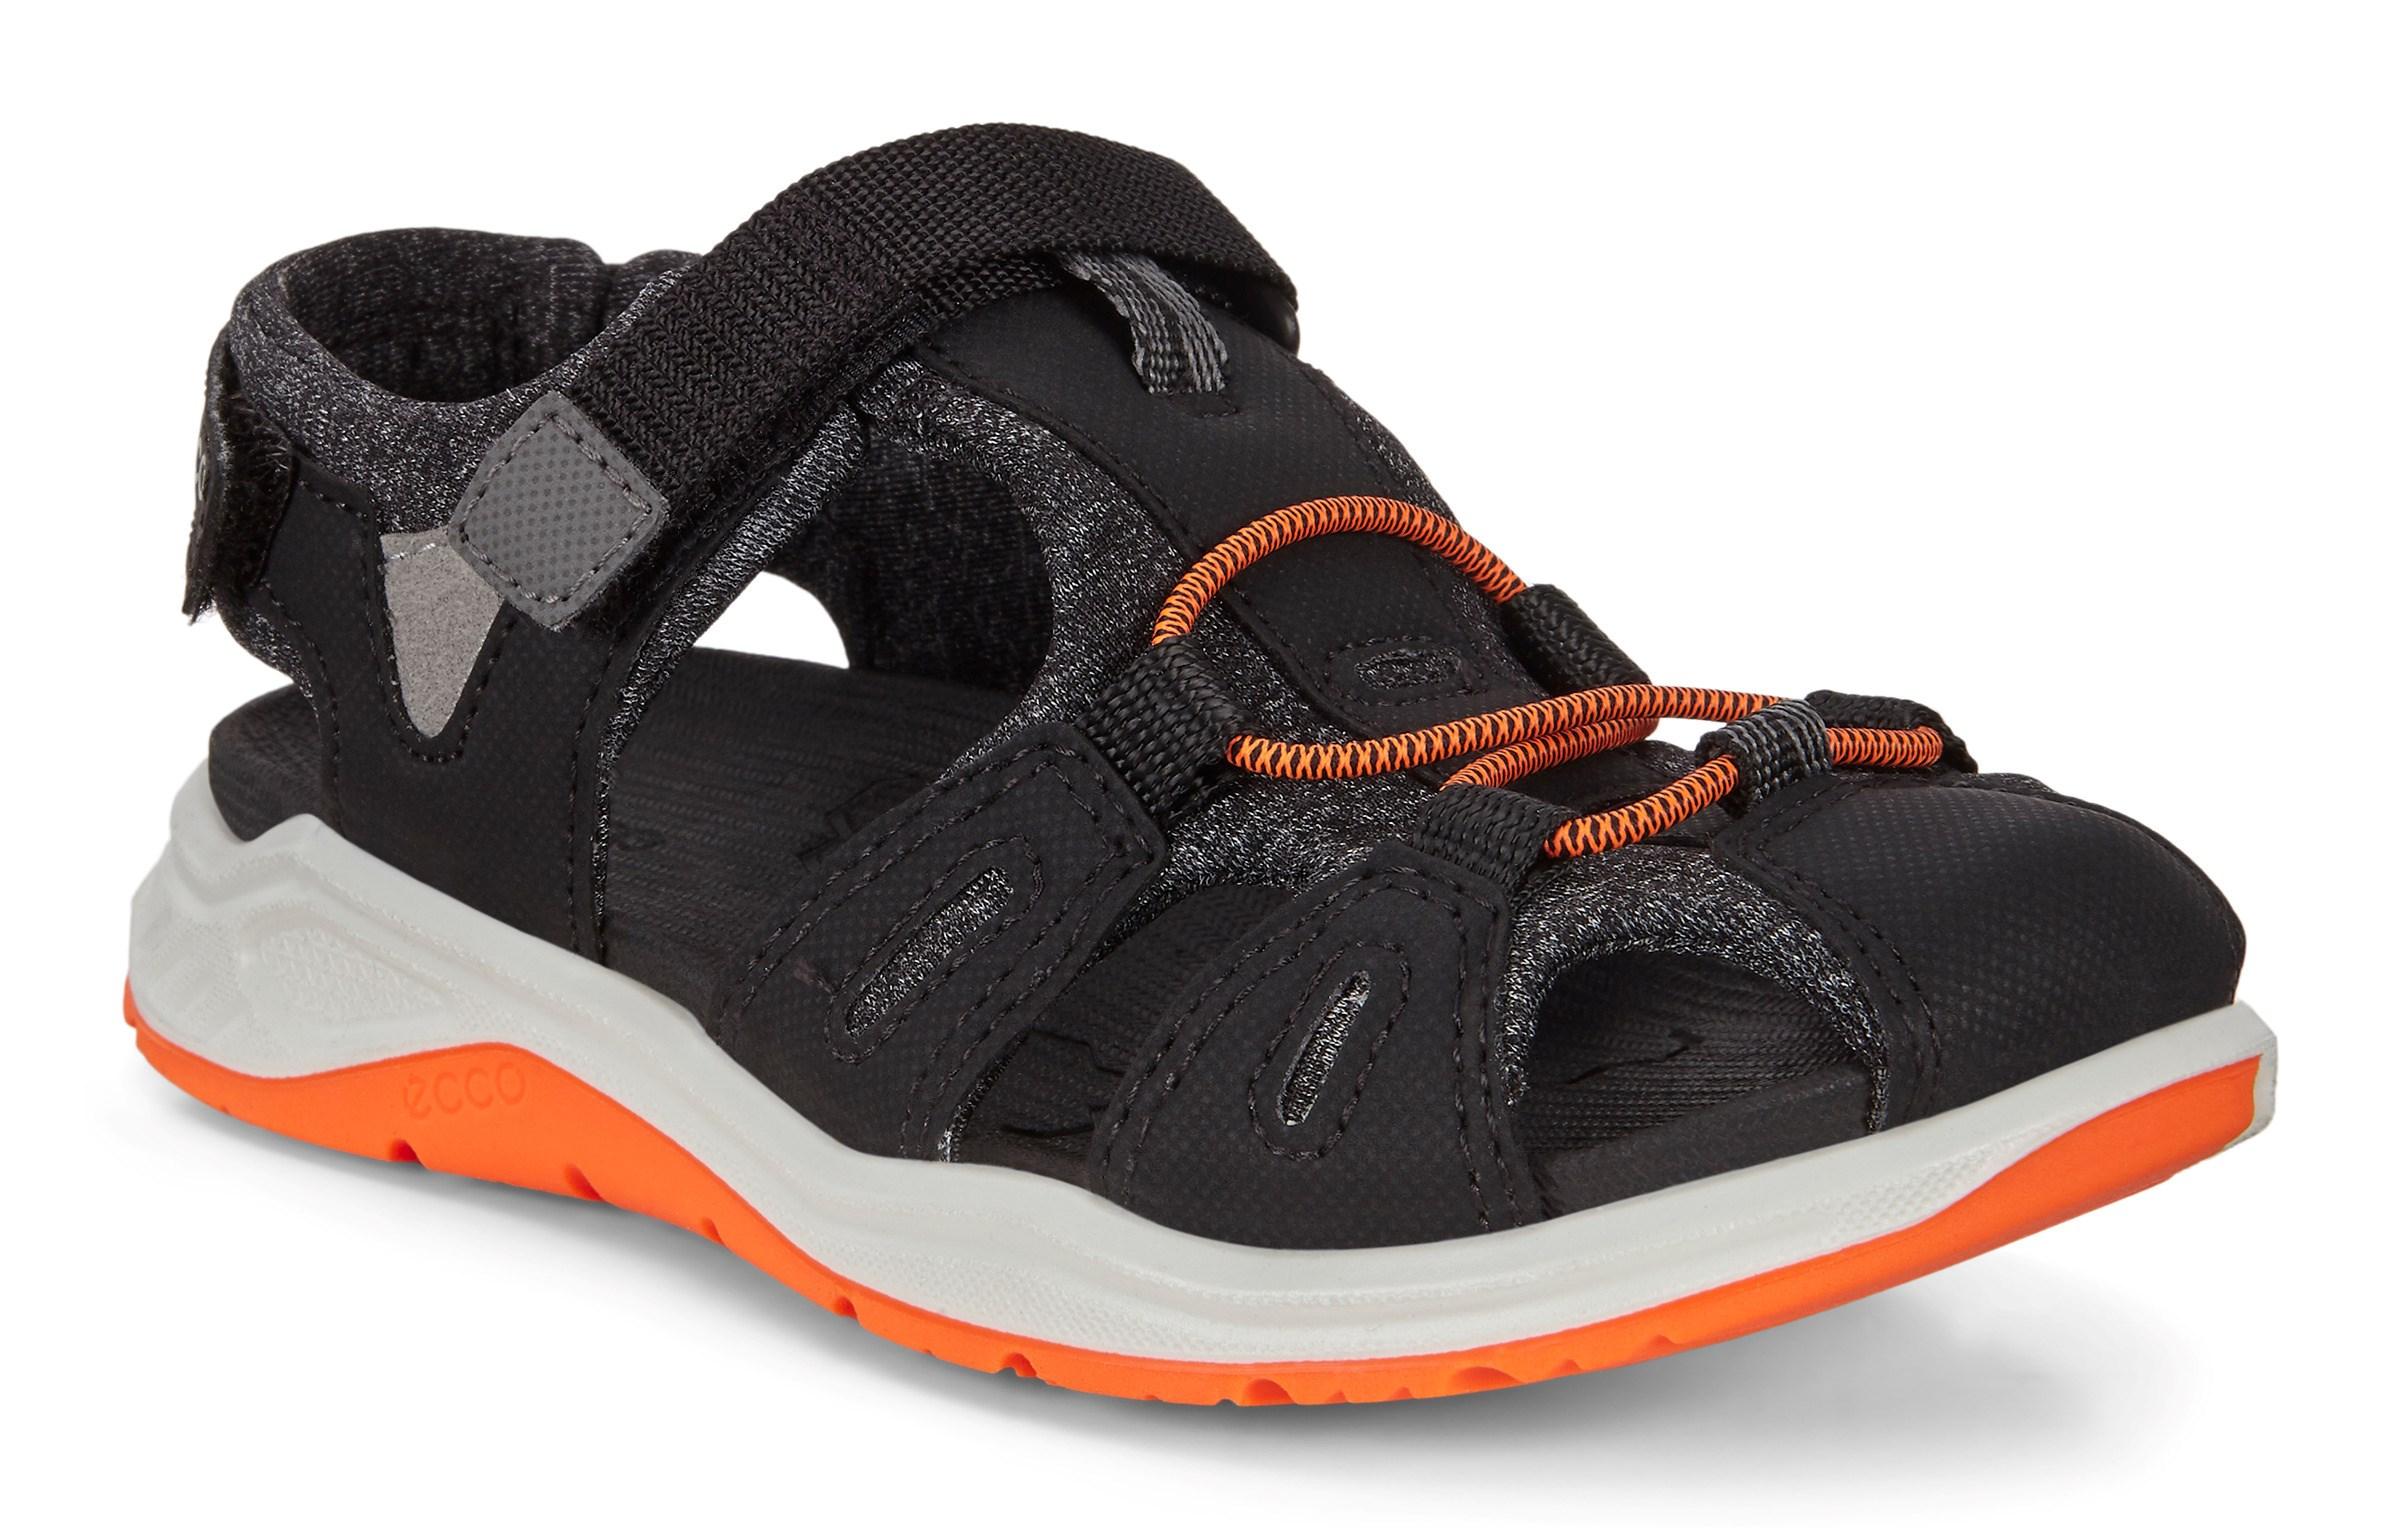 Kinderschoenen   Bestel in de officiële ECCO® shop